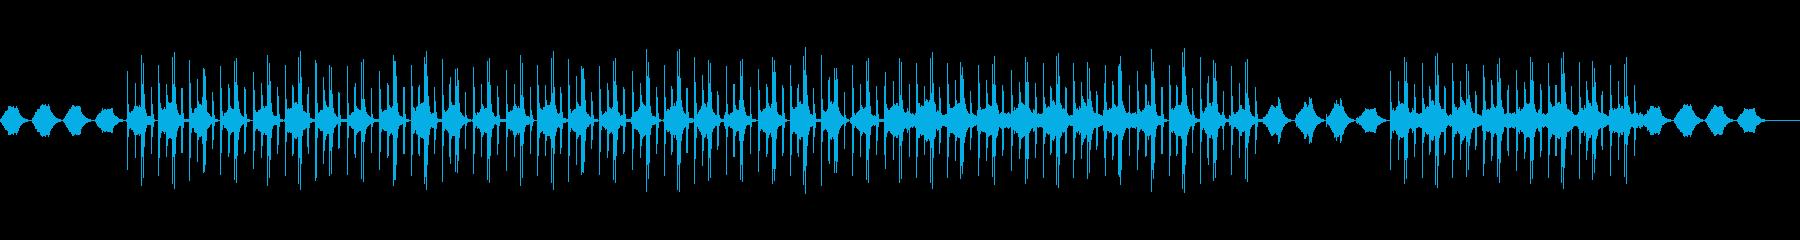 自然の景色に合う曲の再生済みの波形